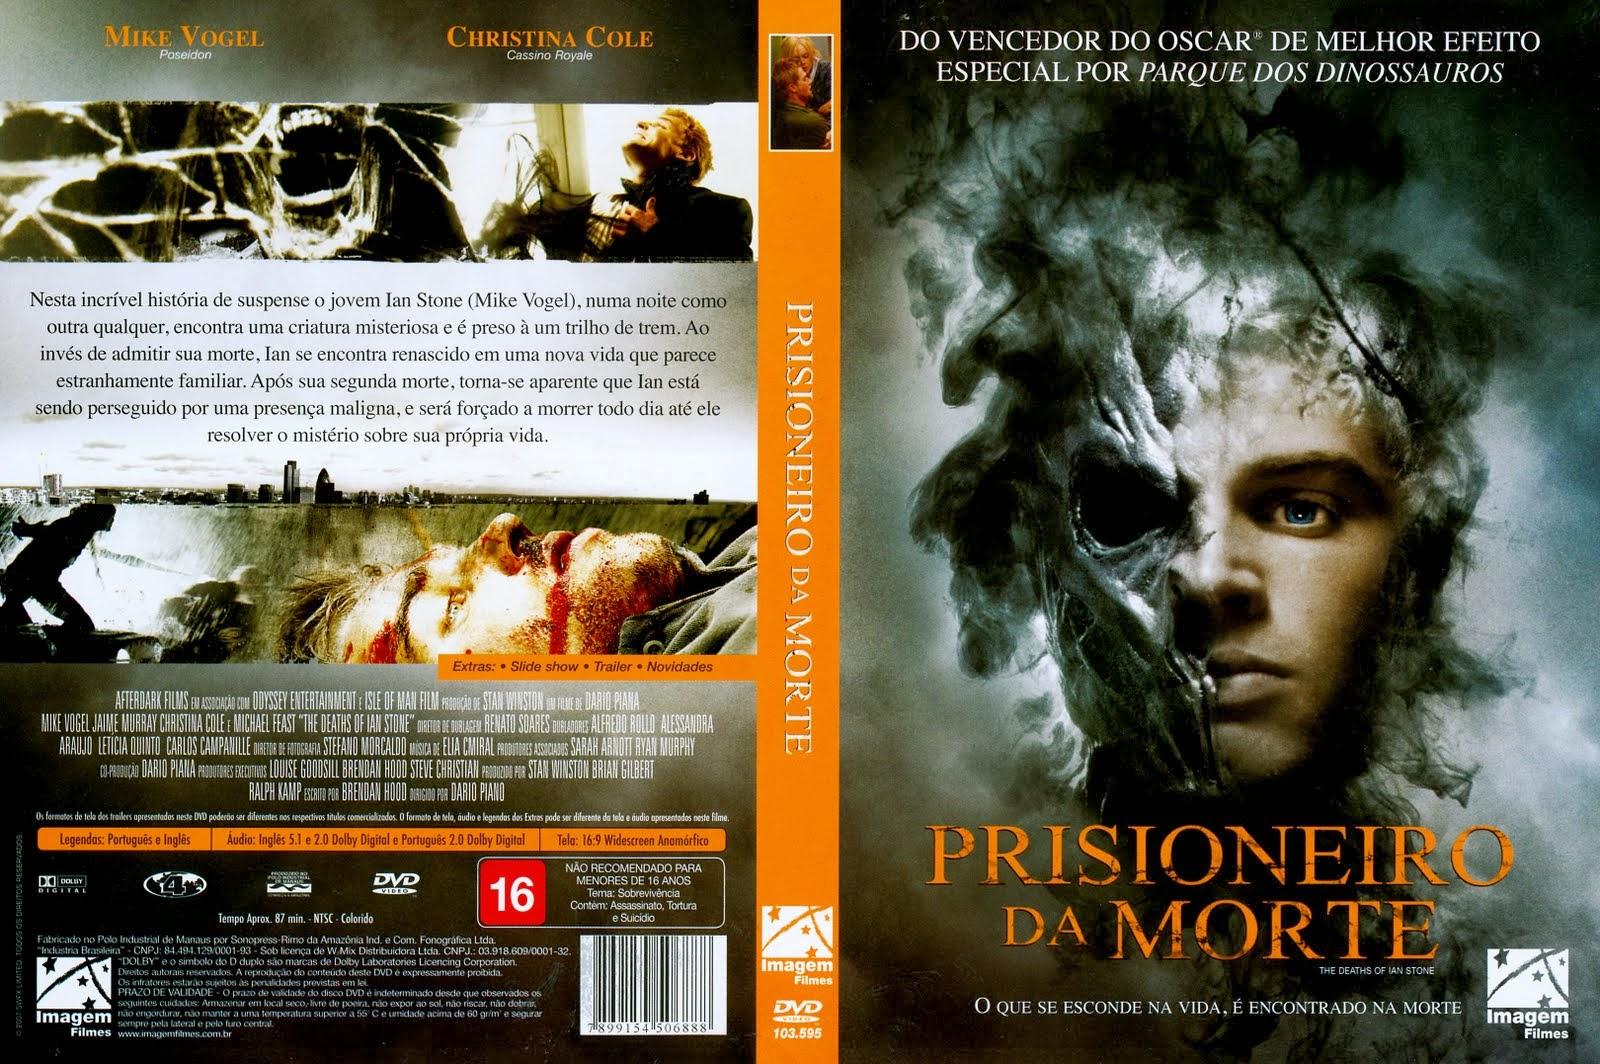 Prisioneiro da Morte DVD Capa